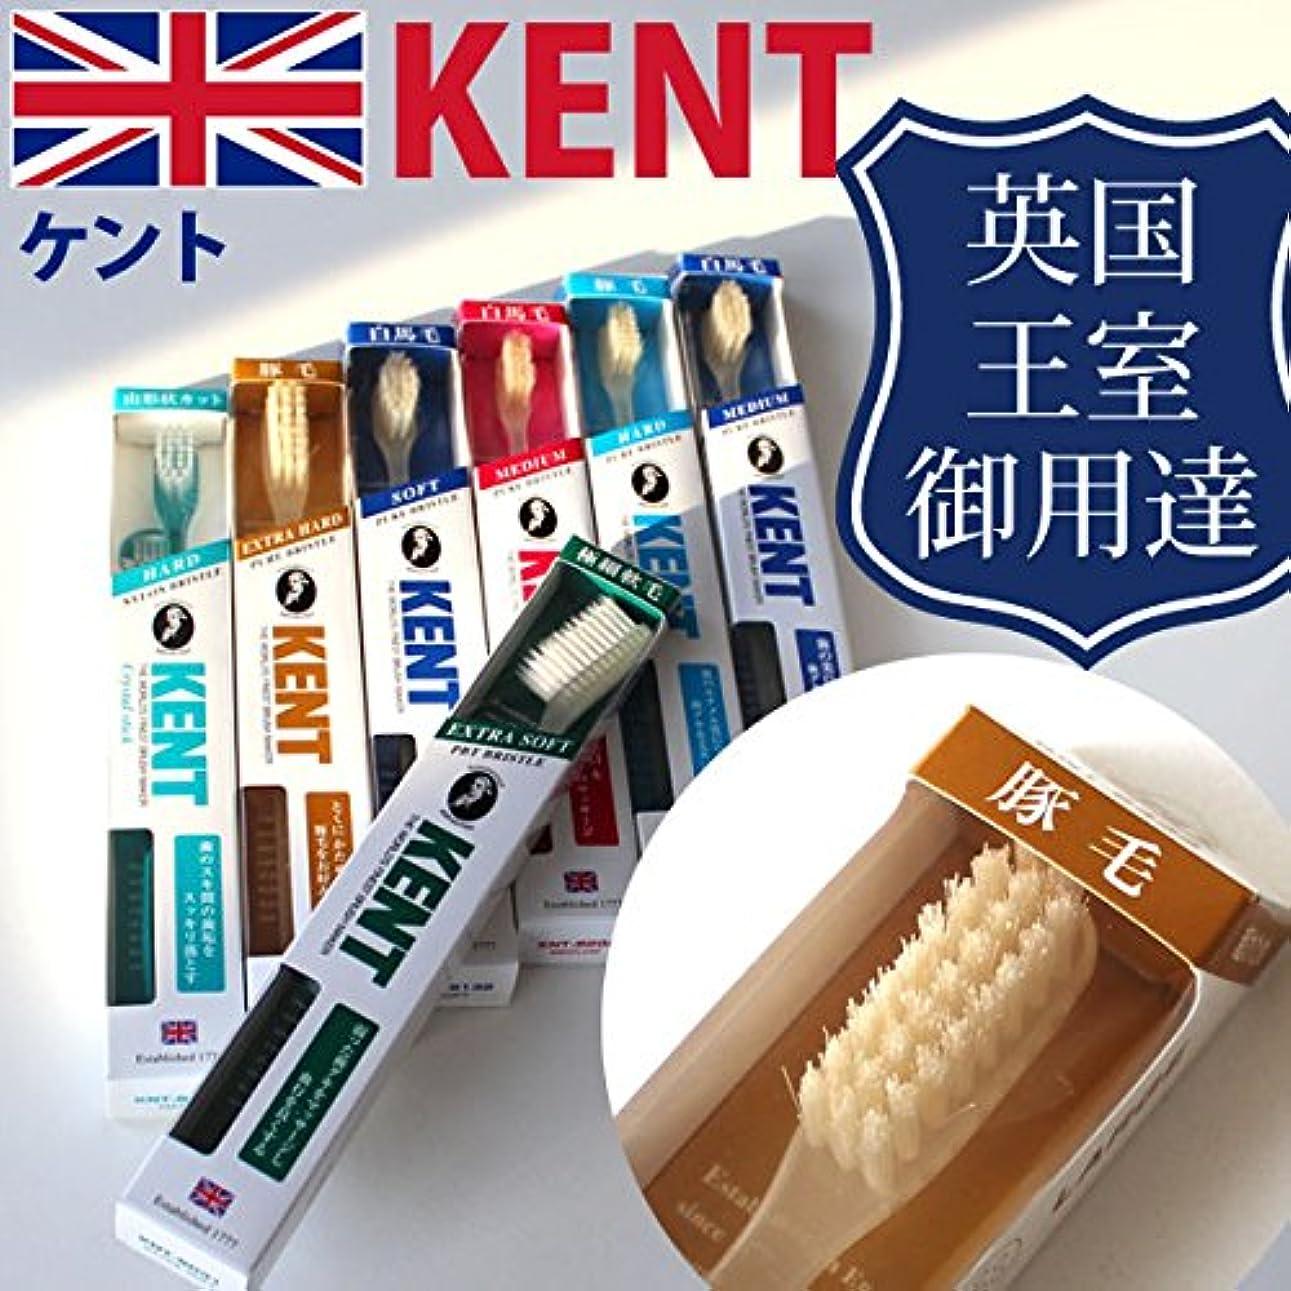 衝突コース節約するチェスをするケント KENT 豚毛 コンパクト 歯ブラシKNT-9233/9833 6本入り 他の天然毛の歯ブラシに比べて細かく磨 ふつう